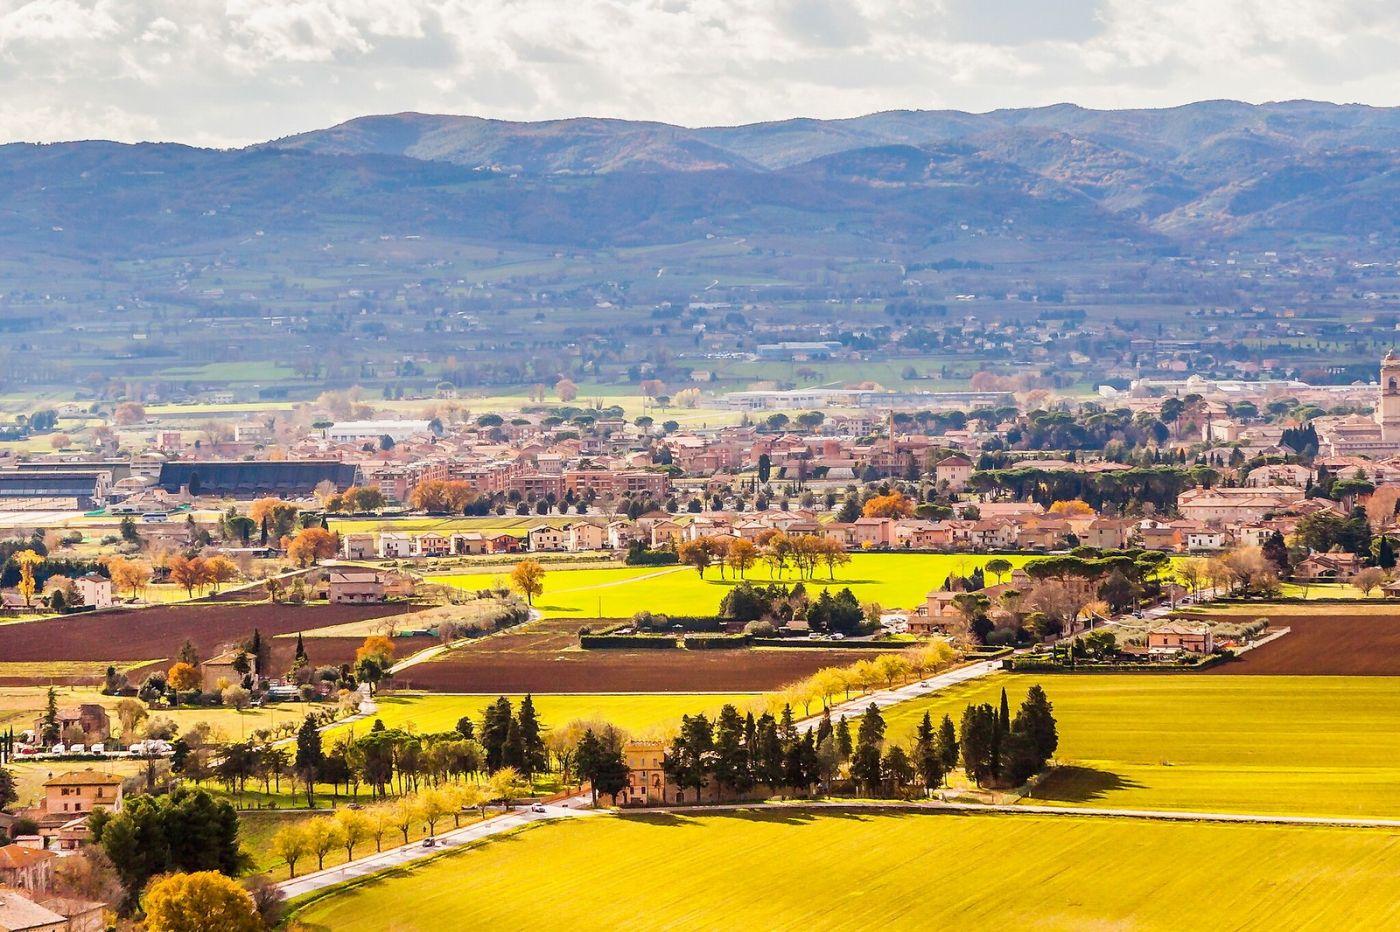 意大利阿西西(Assisi), 登高放眼_图1-20